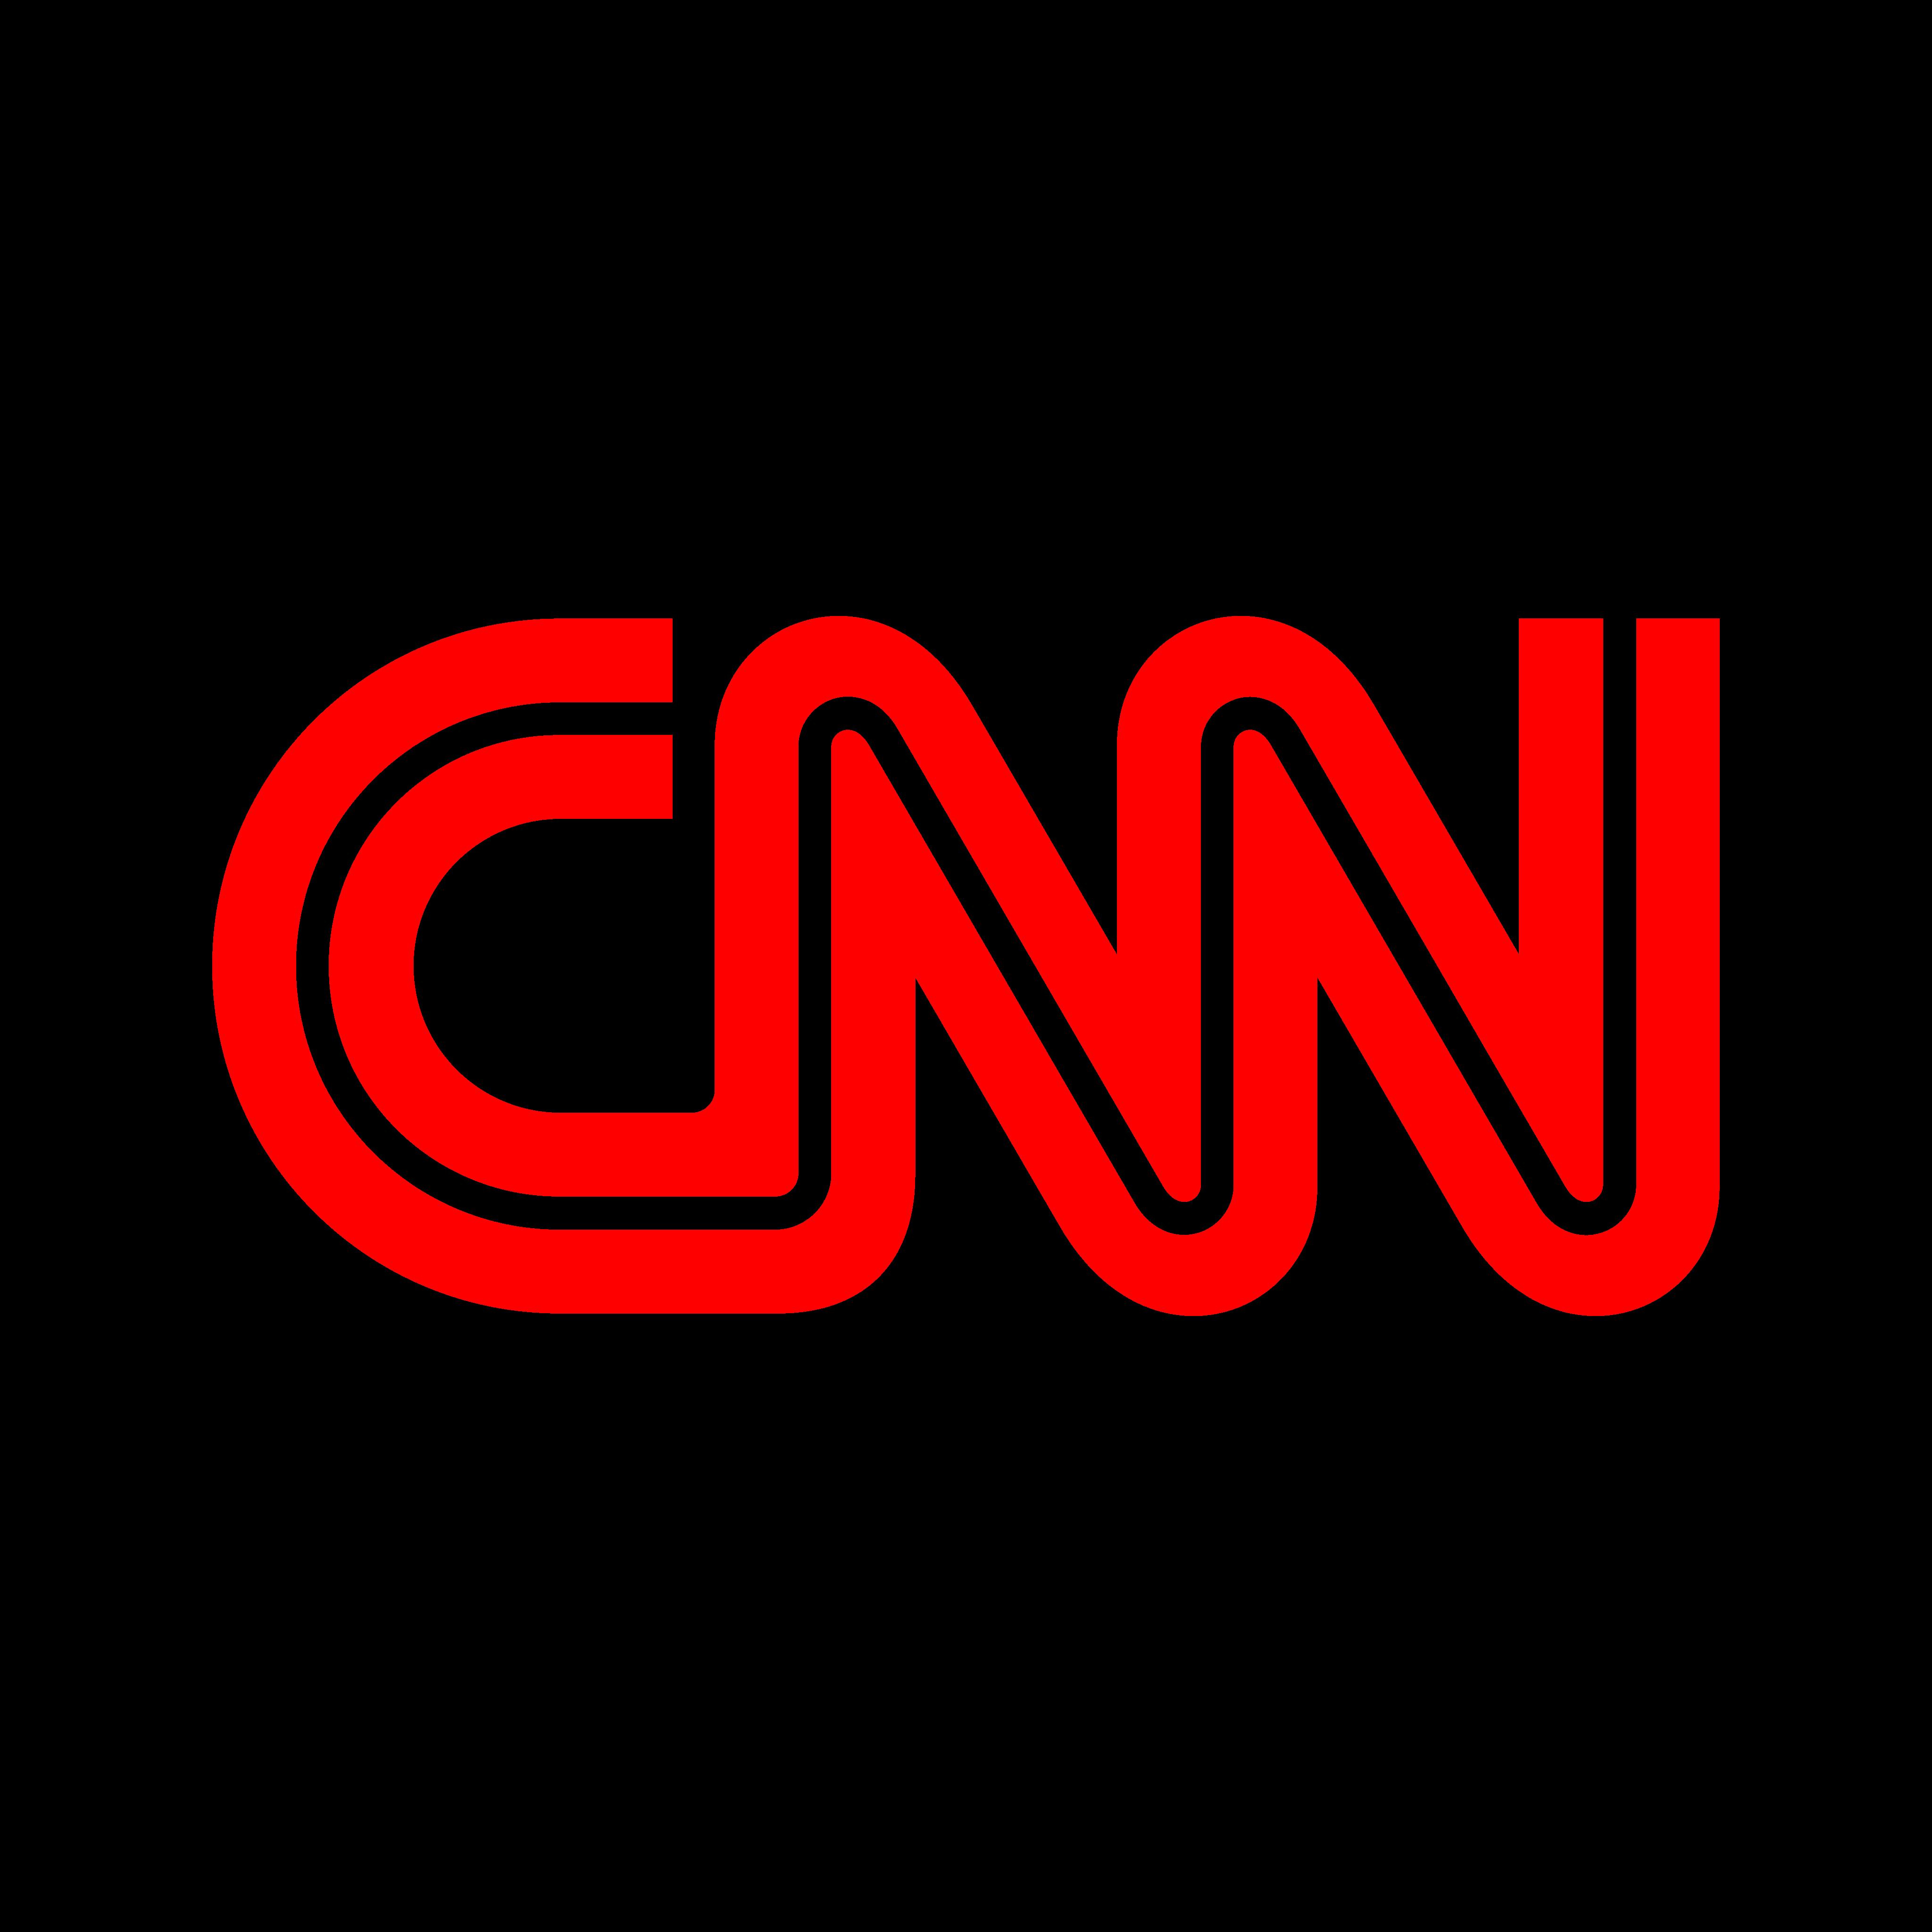 cnn logo 0 - CNN Logo